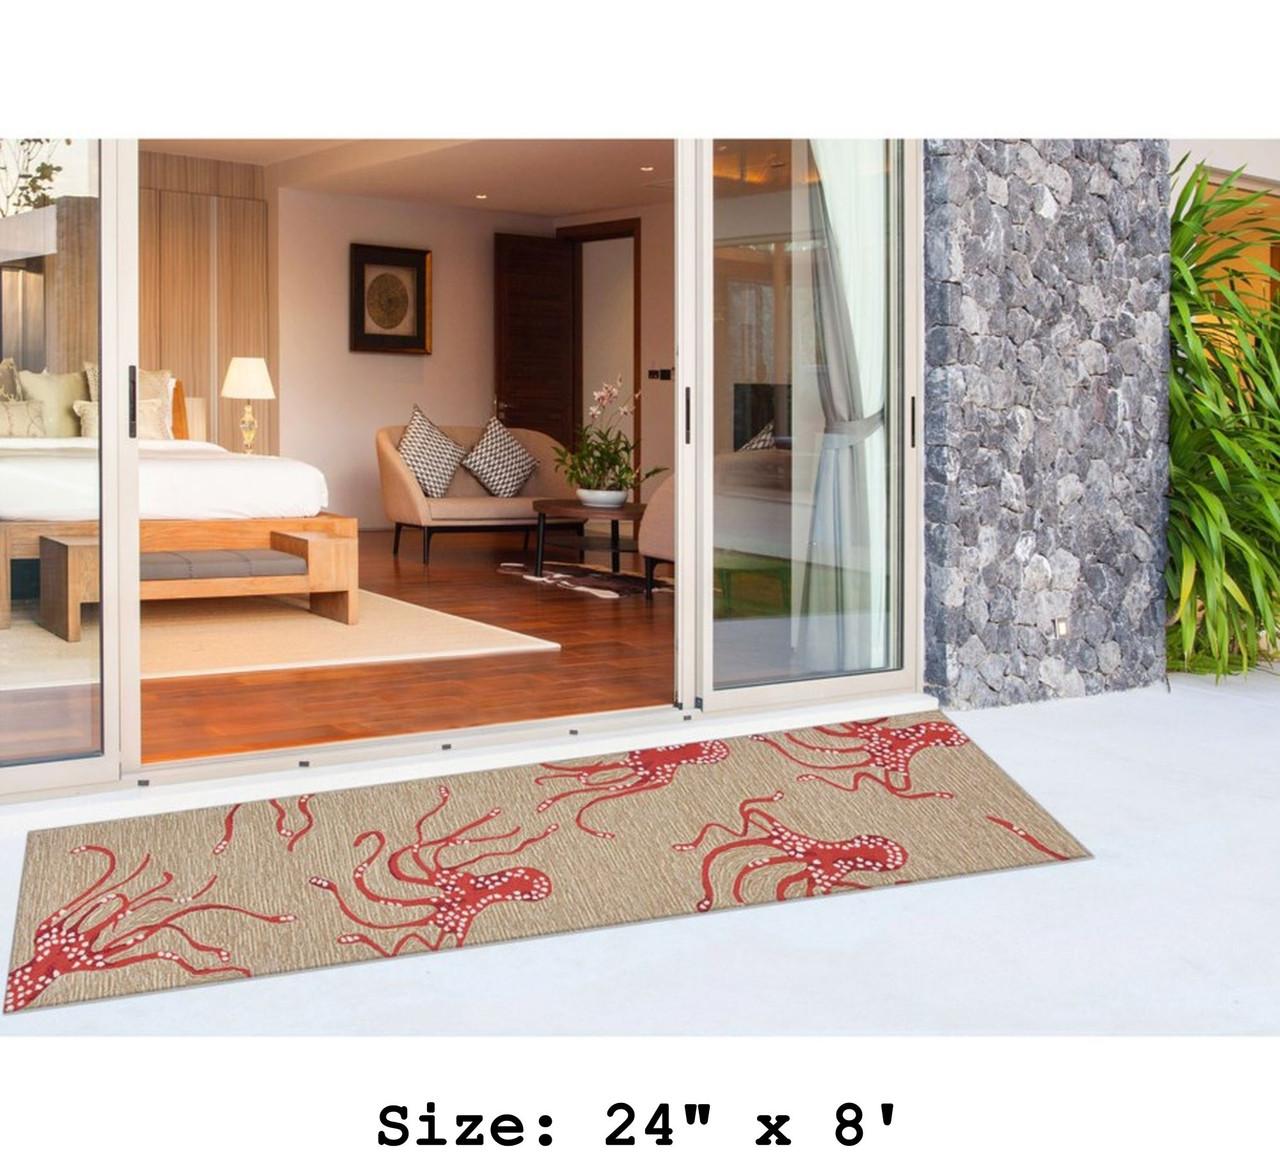 Coral Capri Octopus Indoor/Outdoor Rug - Runner Lifestyle